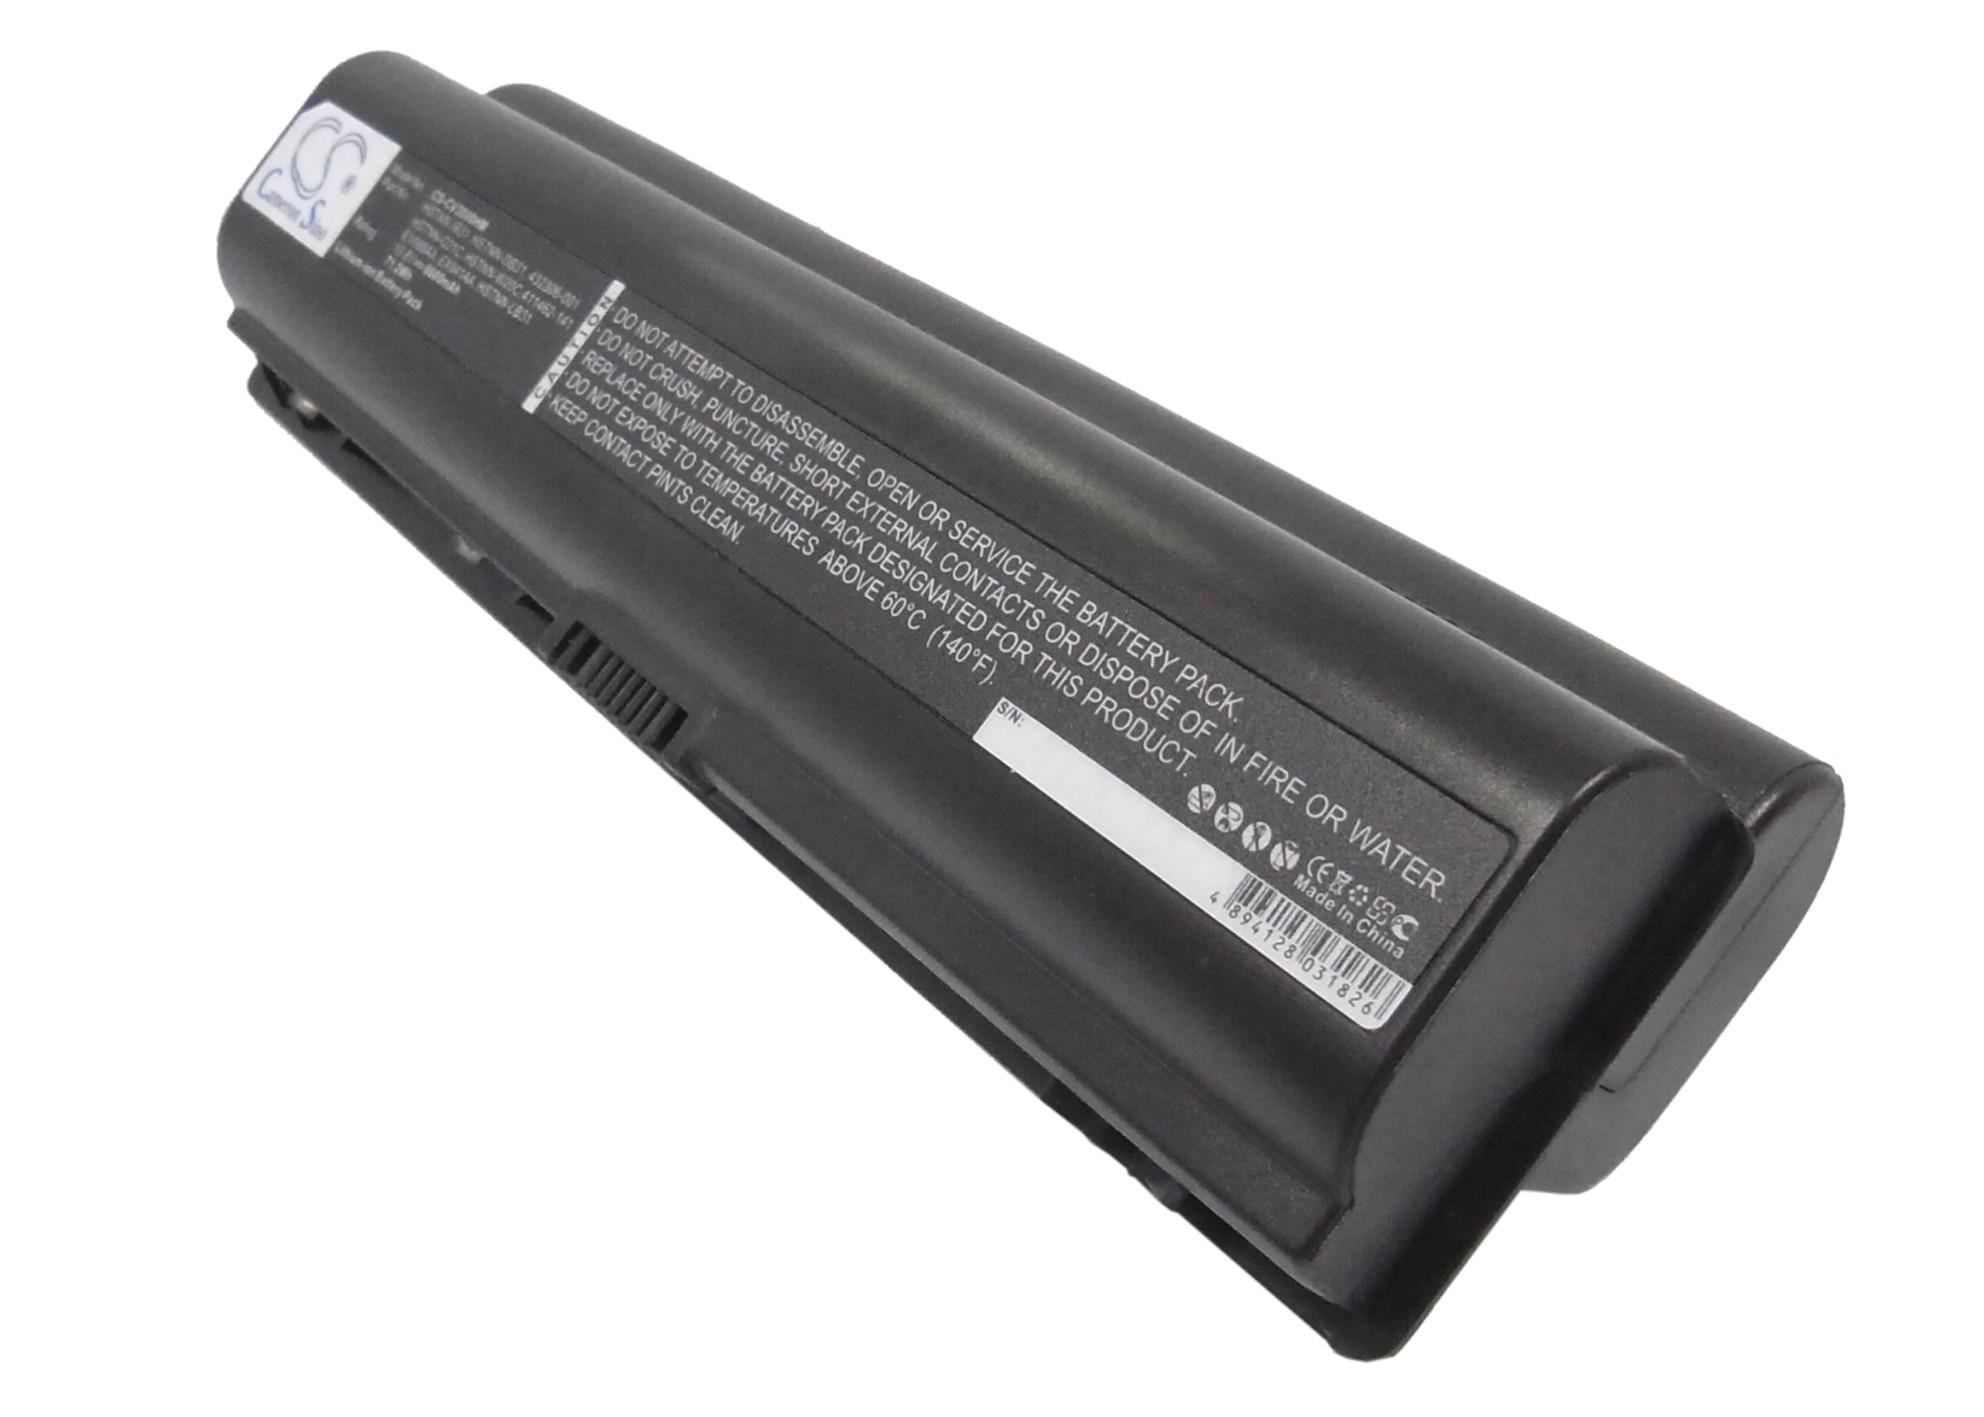 Cameron Sino baterie do notebooků pro HP Pavilion dv6500 10.8V Li-ion 6600mAh černá - neoriginální